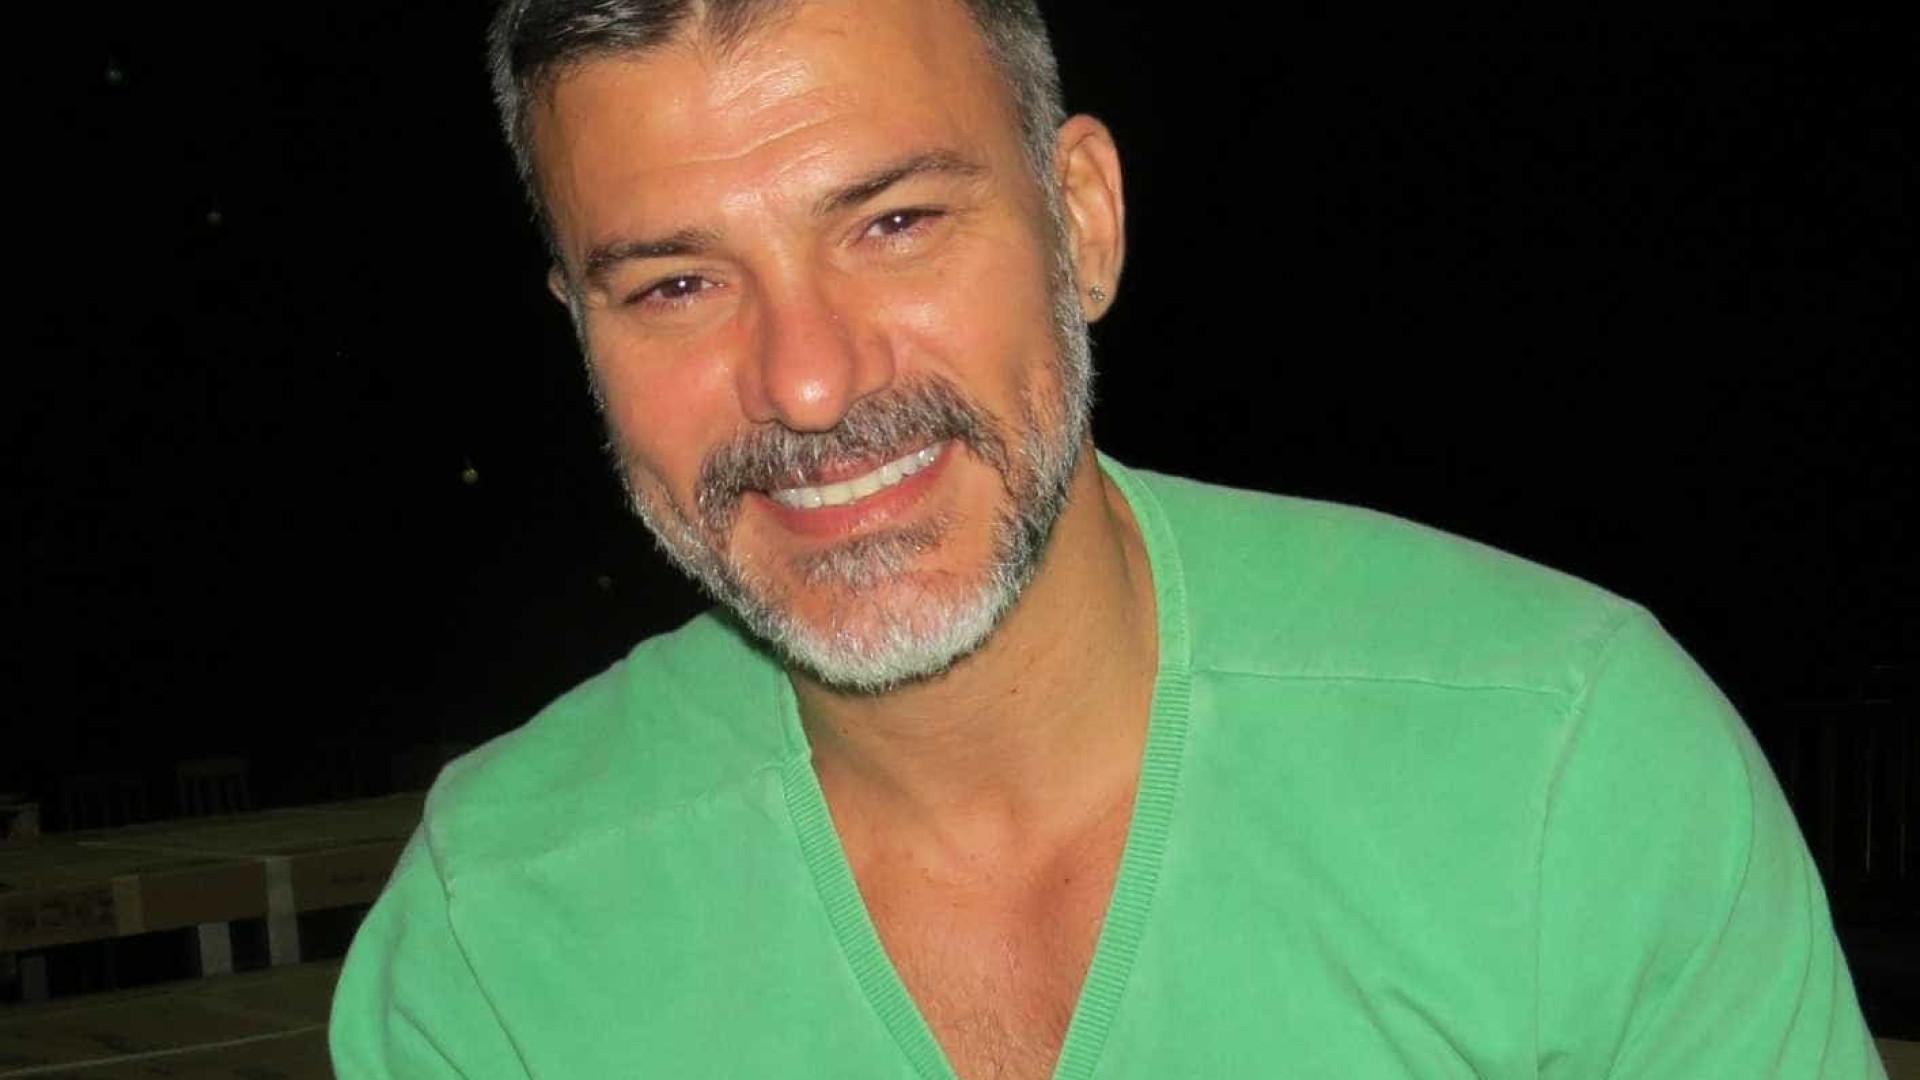 Leonardo Vieira divulga carta aberta e desabafa: 'Não escolhi ser gay'